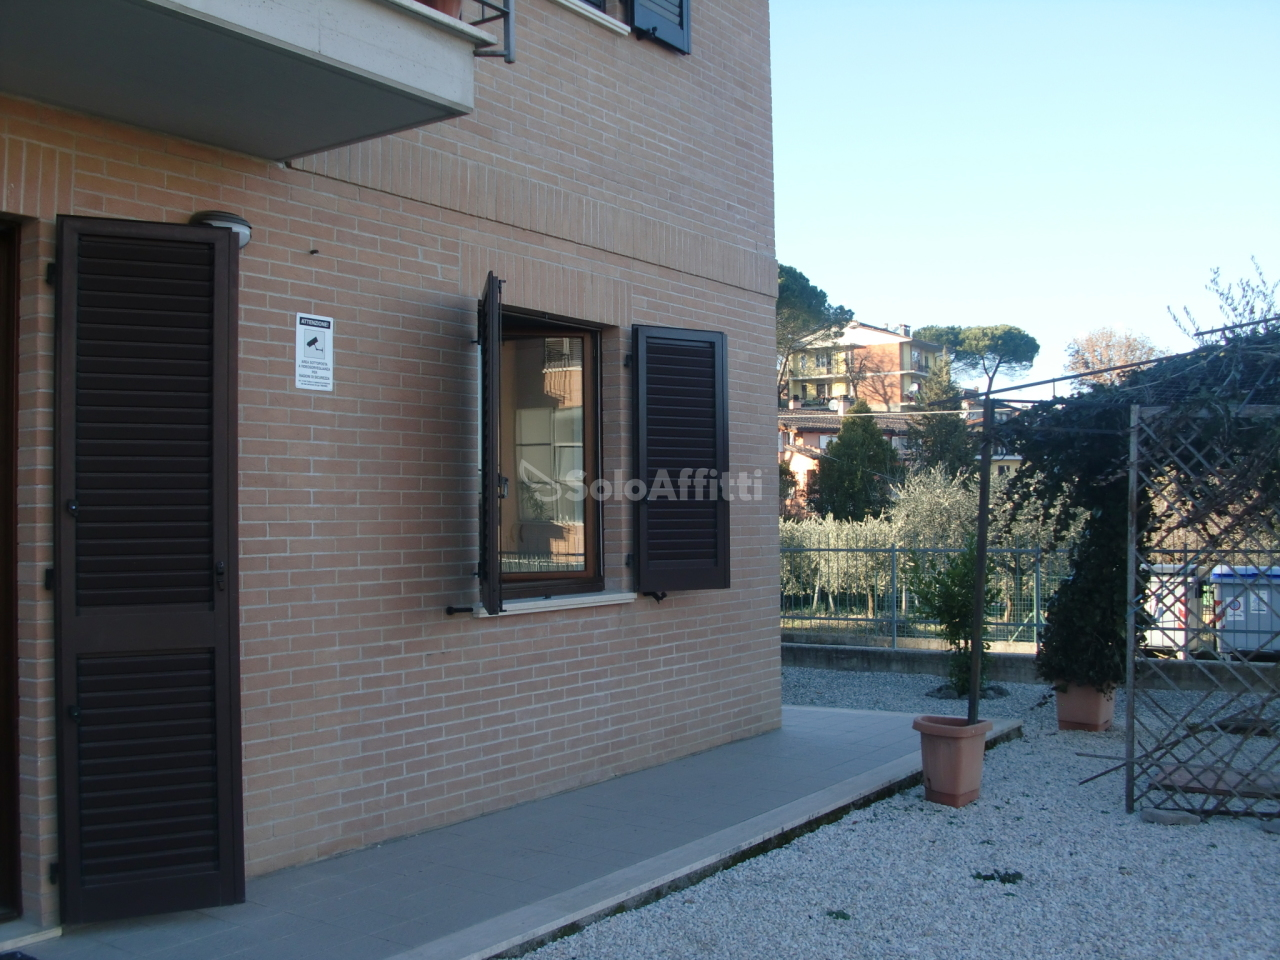 Bilocale affitto perugia zona villa pitignano - Affitto appartamento perugia giardino ...